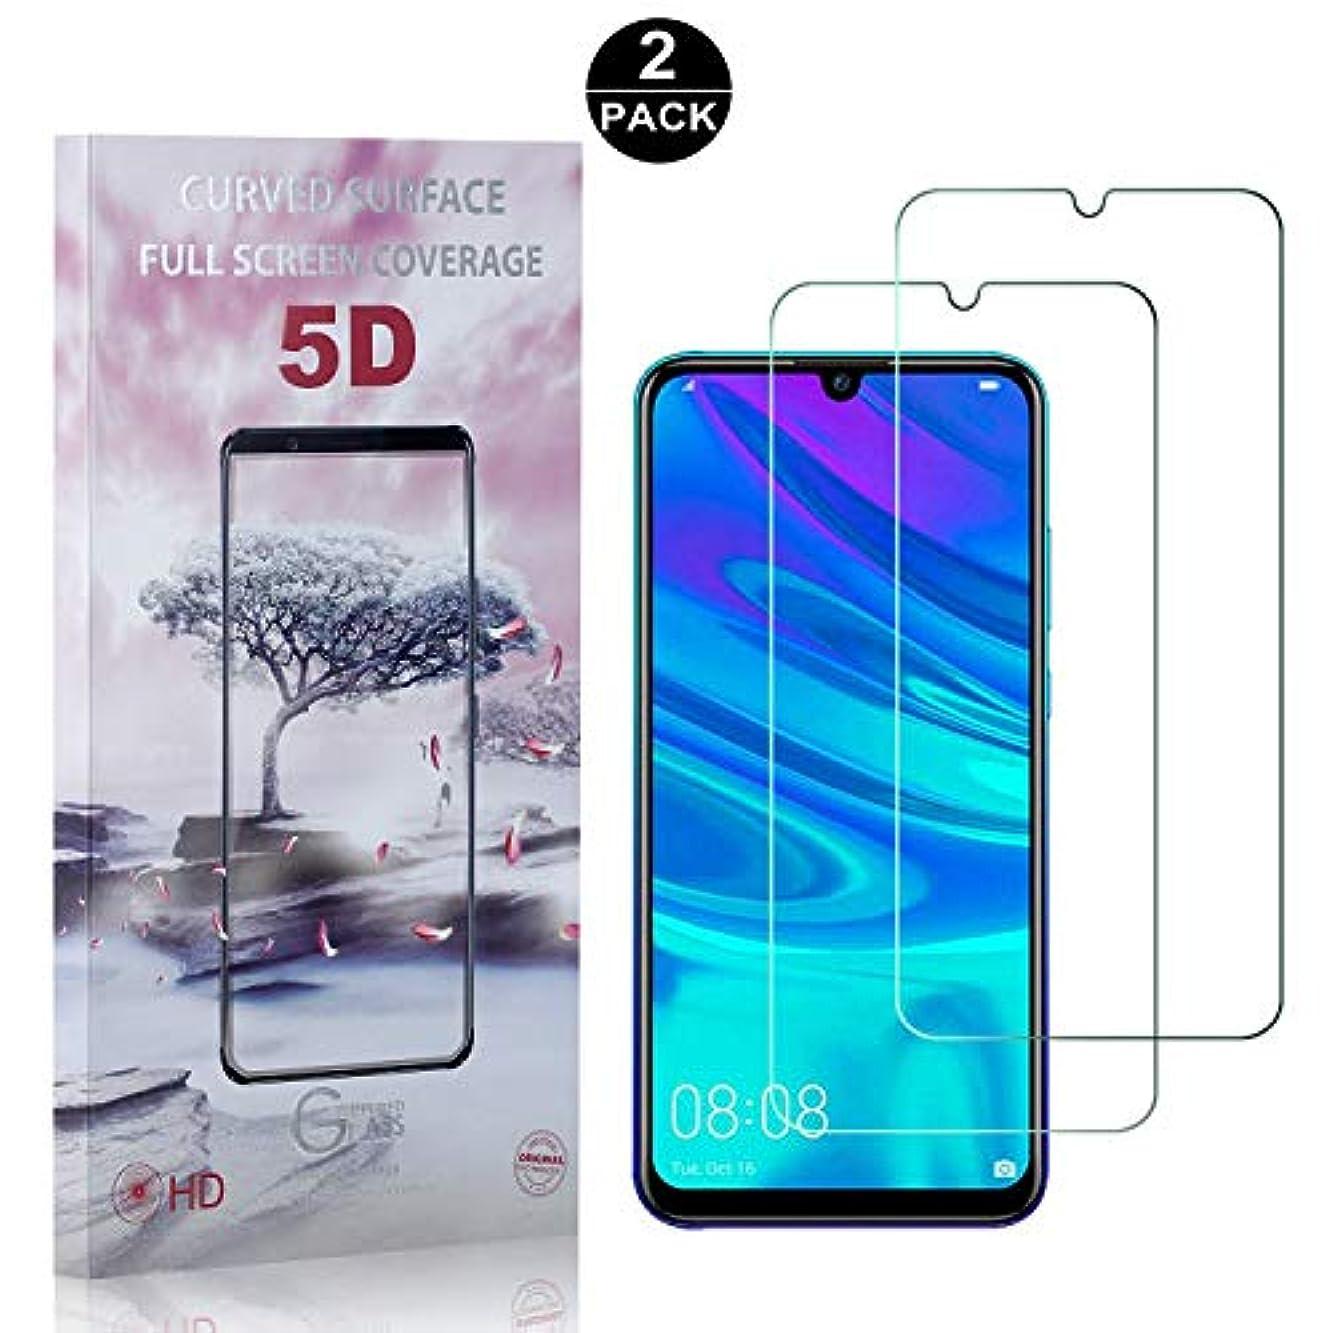 男性暗記する固執【2枚セット】 Huawei Honor 10i 硬度9H ガラスフィルム CUNUS Huawei Honor 10i 専用設計 強化ガラスフィルム 高透明度で 99%透過率 気泡防止 耐衝撃 超薄 液晶保護フィルム